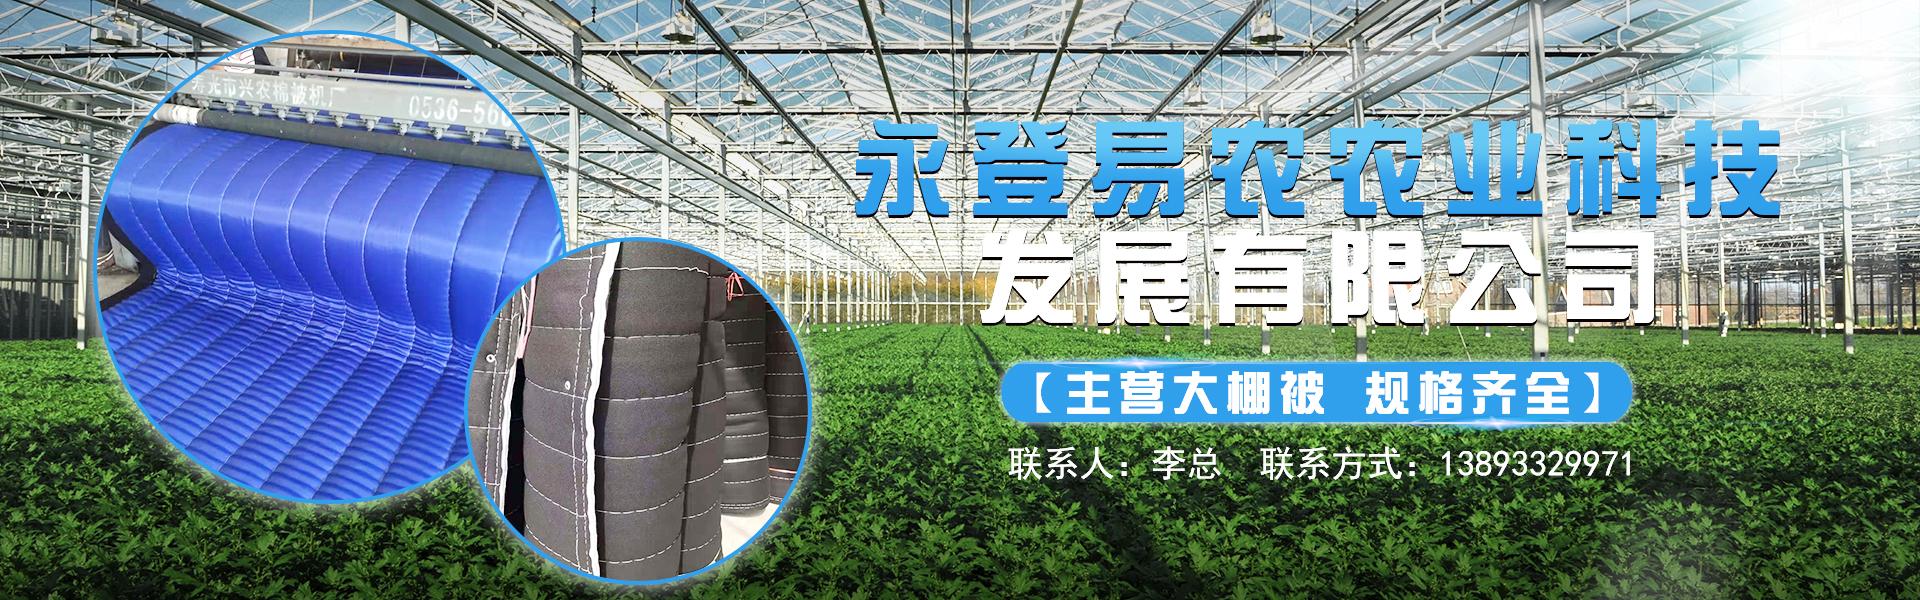 永登易农农业科技发展有限公司